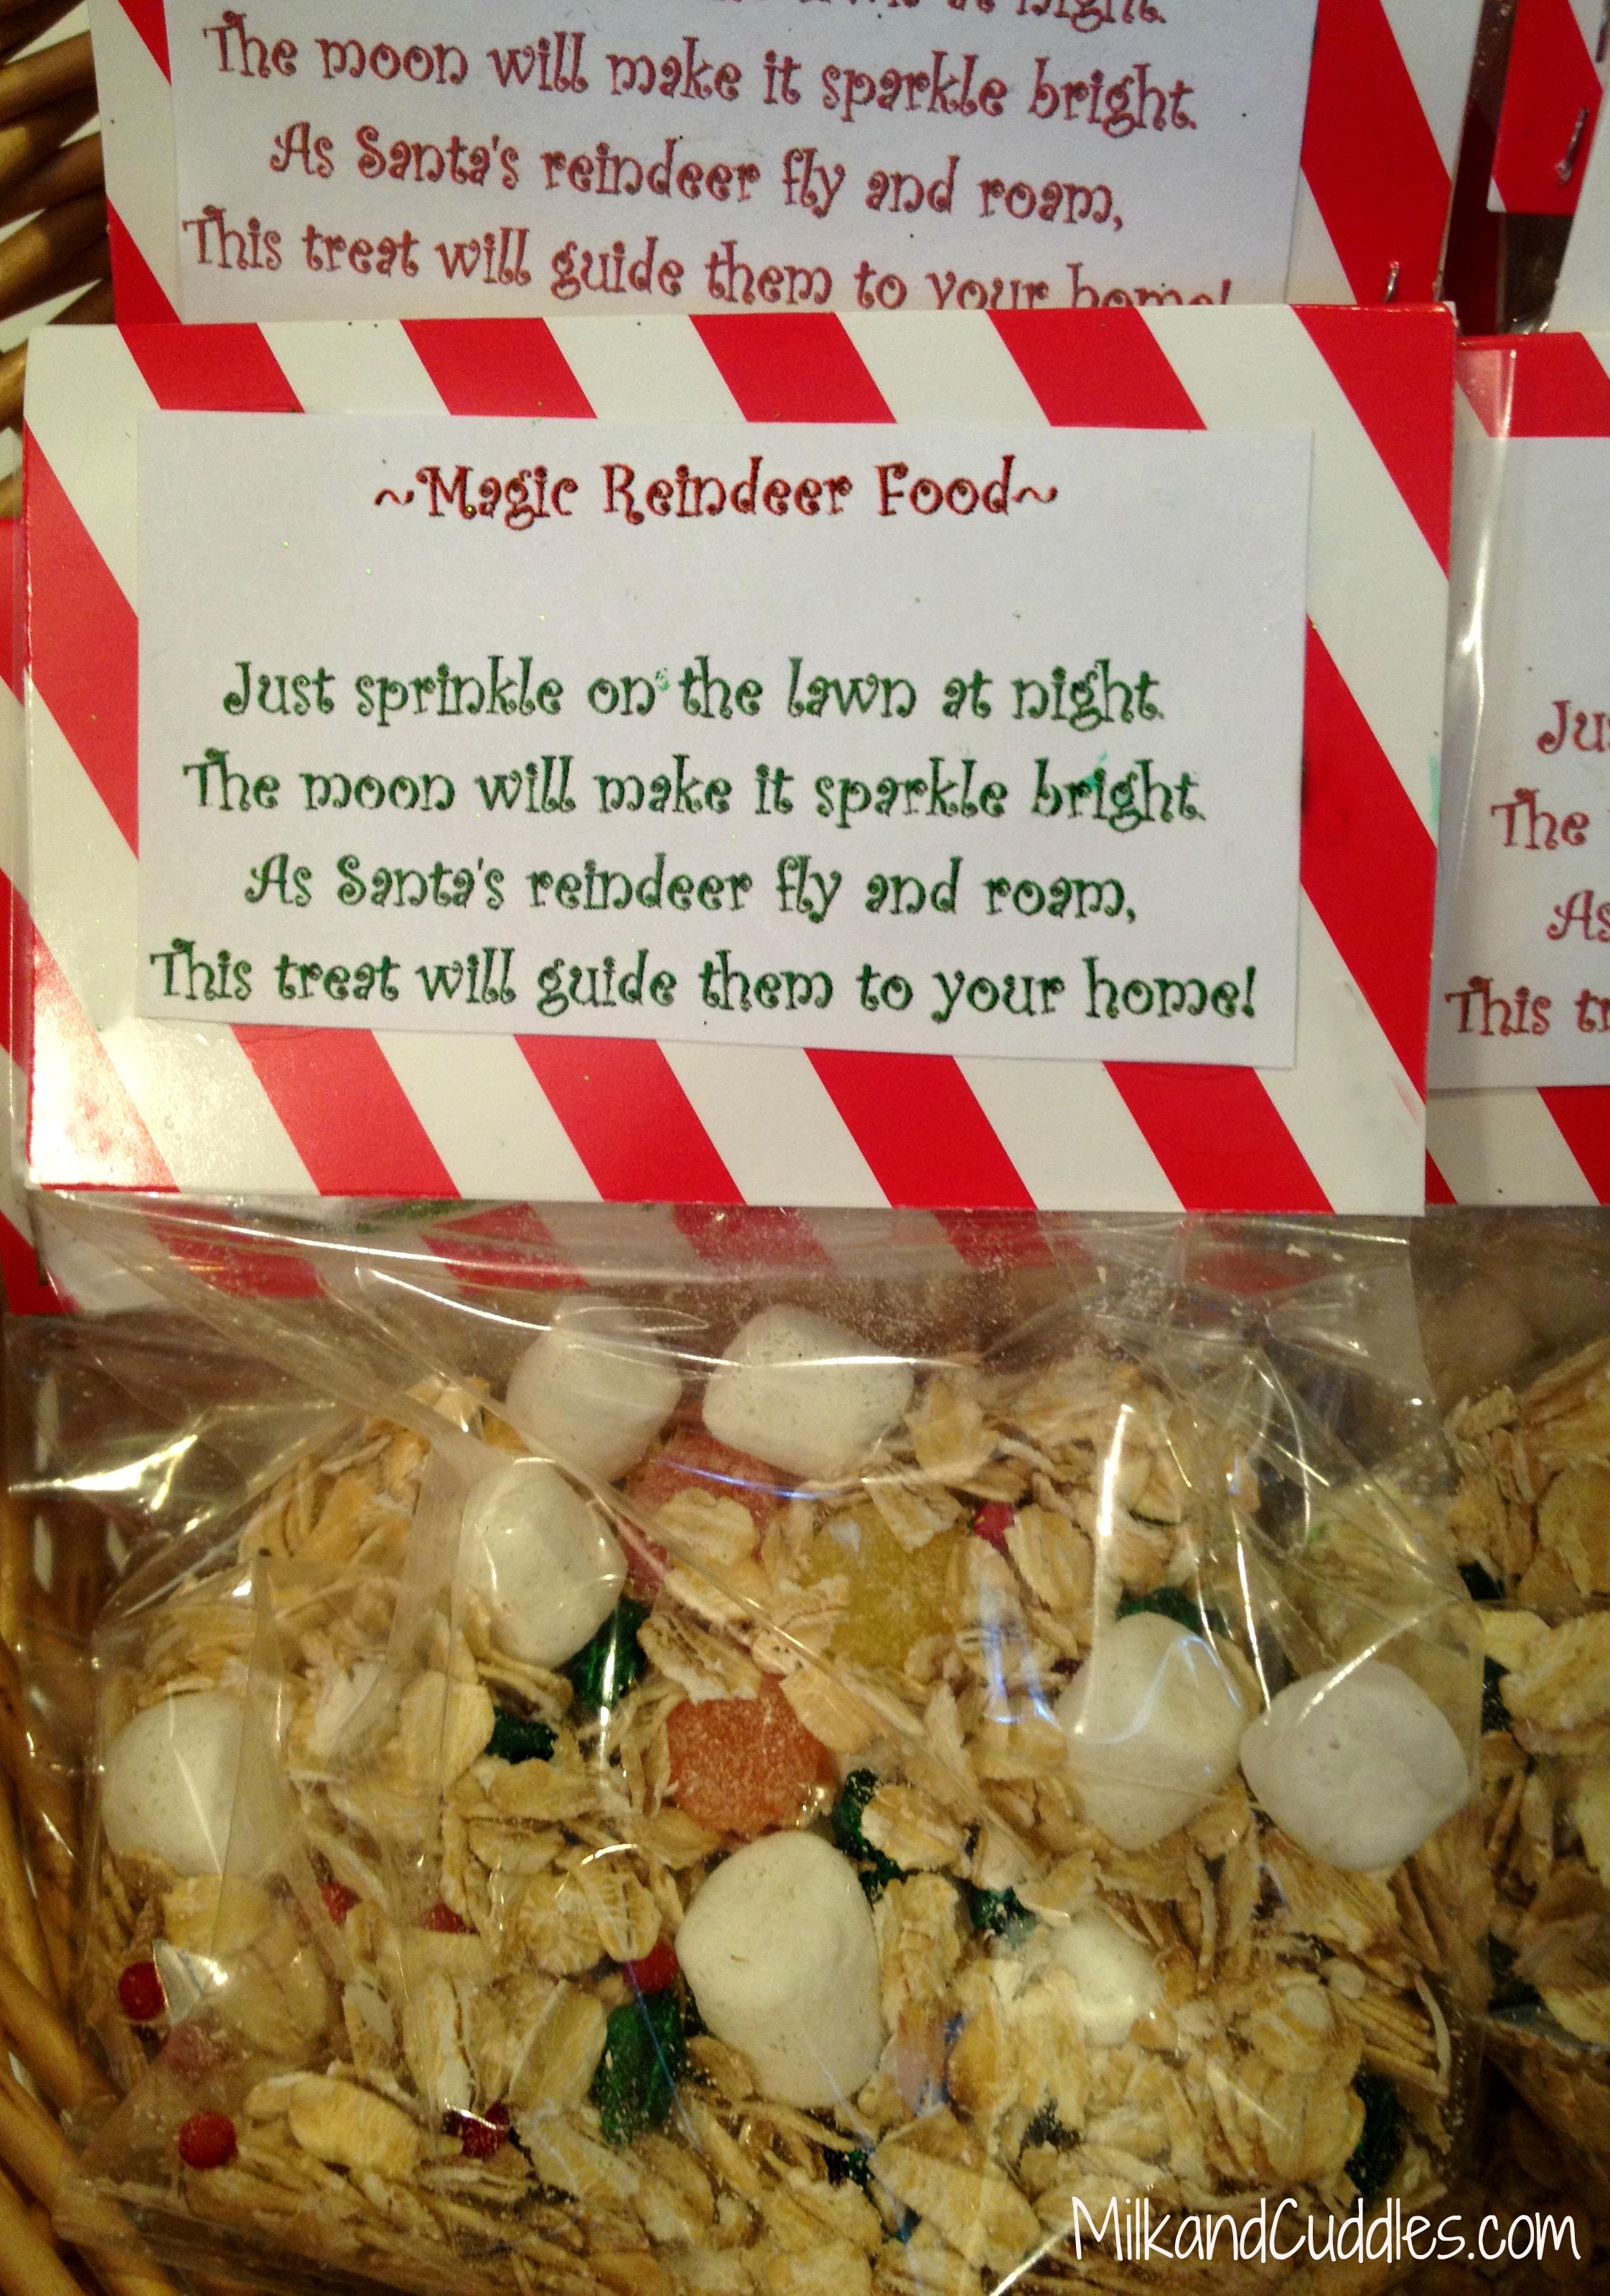 Reindeer food recipe and free printable everyday best enjoy making magic reindeer food forumfinder Gallery